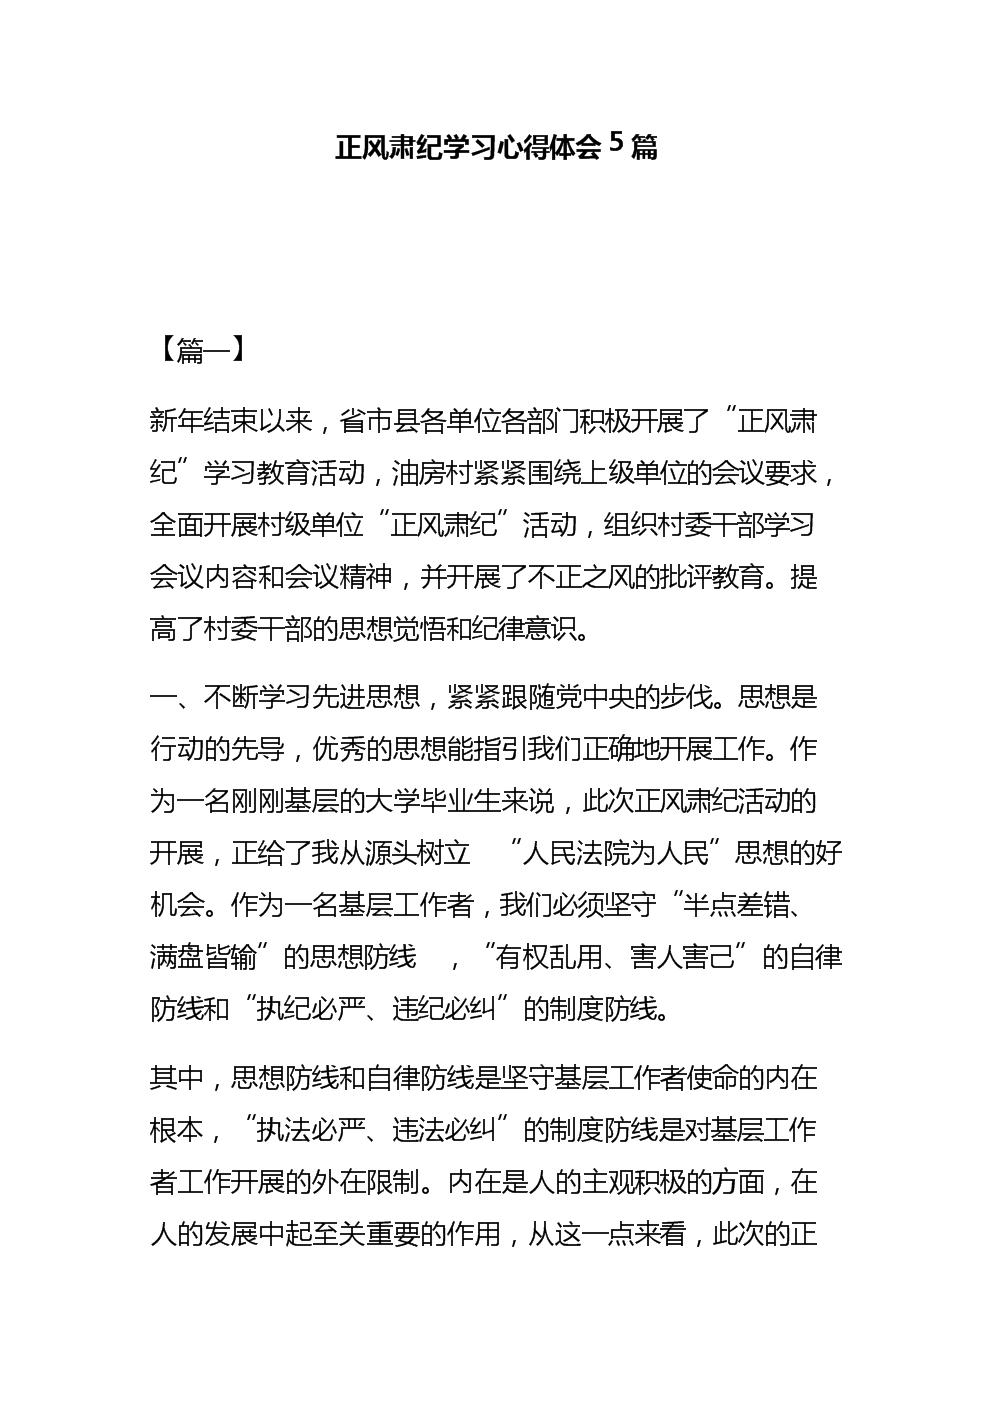 正风肃纪学习心得体会5篇.docx